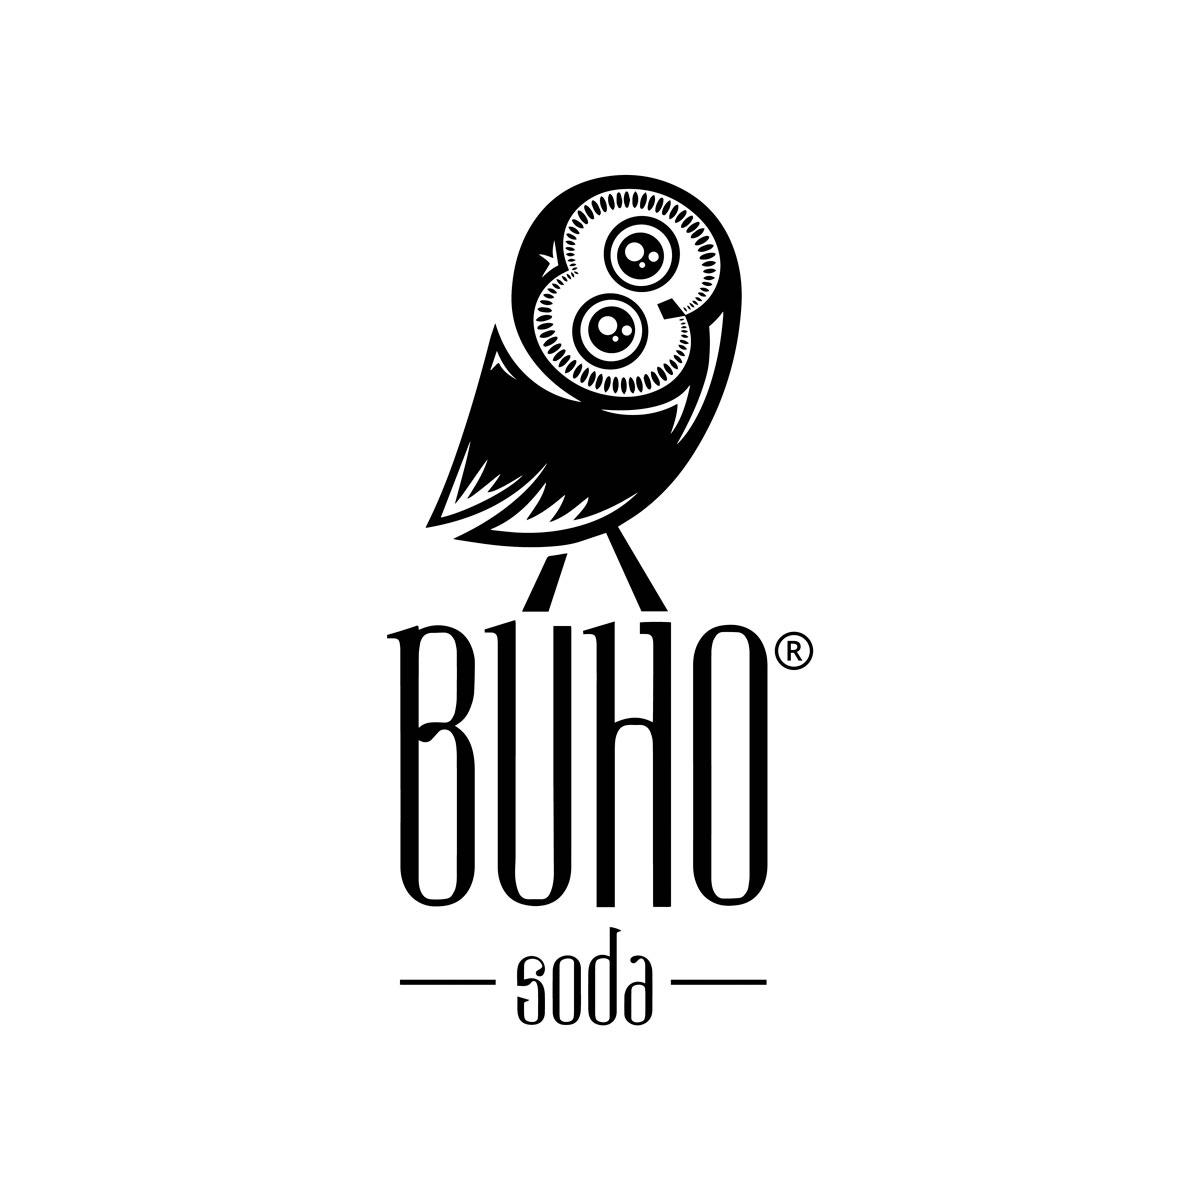 buho_versiones-logos-01.jpg